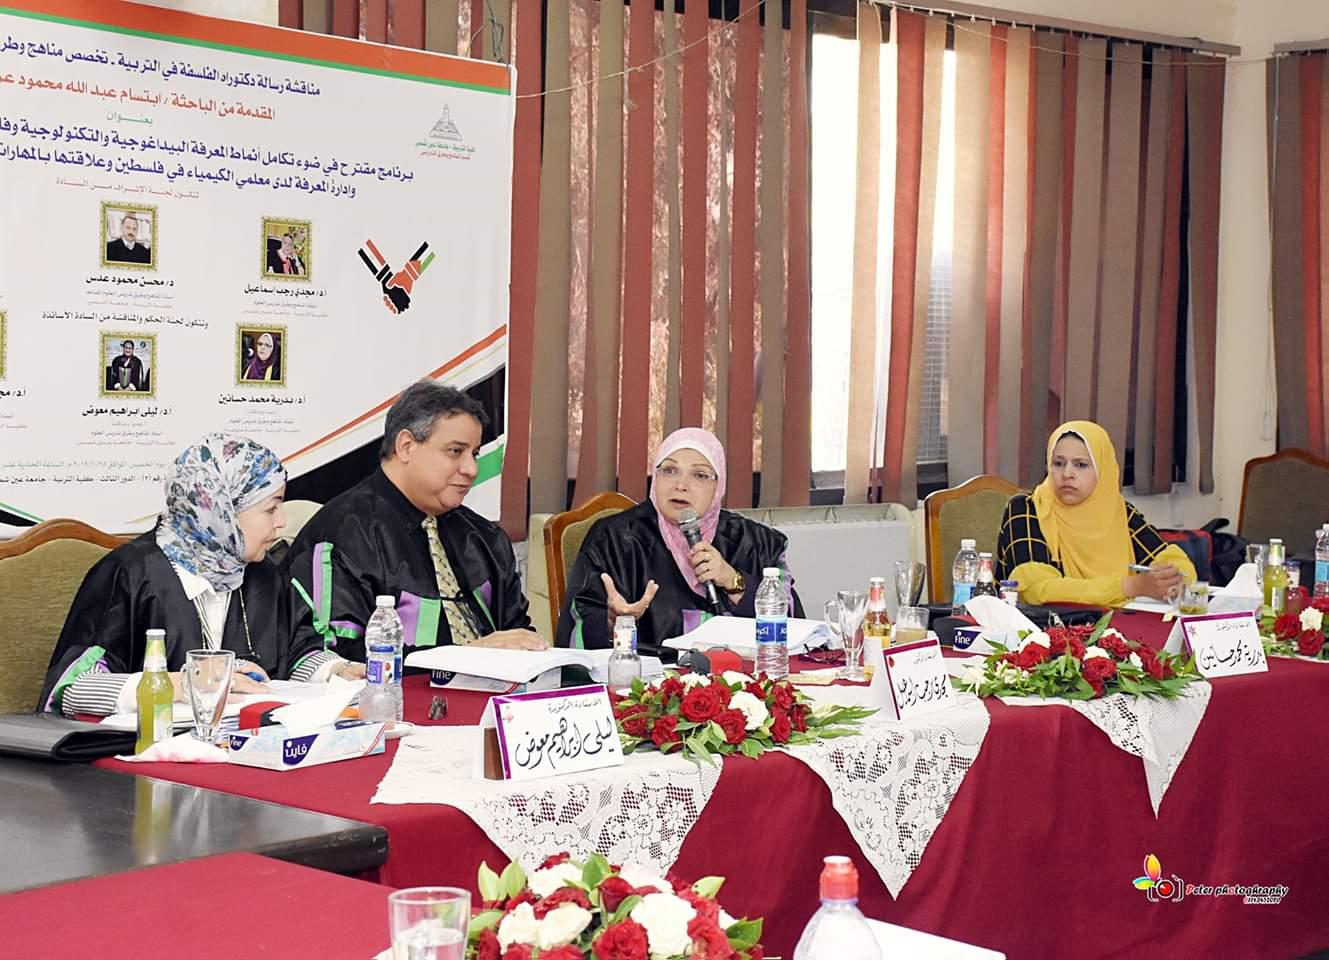 مناقشة رسالة الدكتوراة الخاصة بالباحثة الفلسطينية/ابتسام عبدالله محمود عرجان